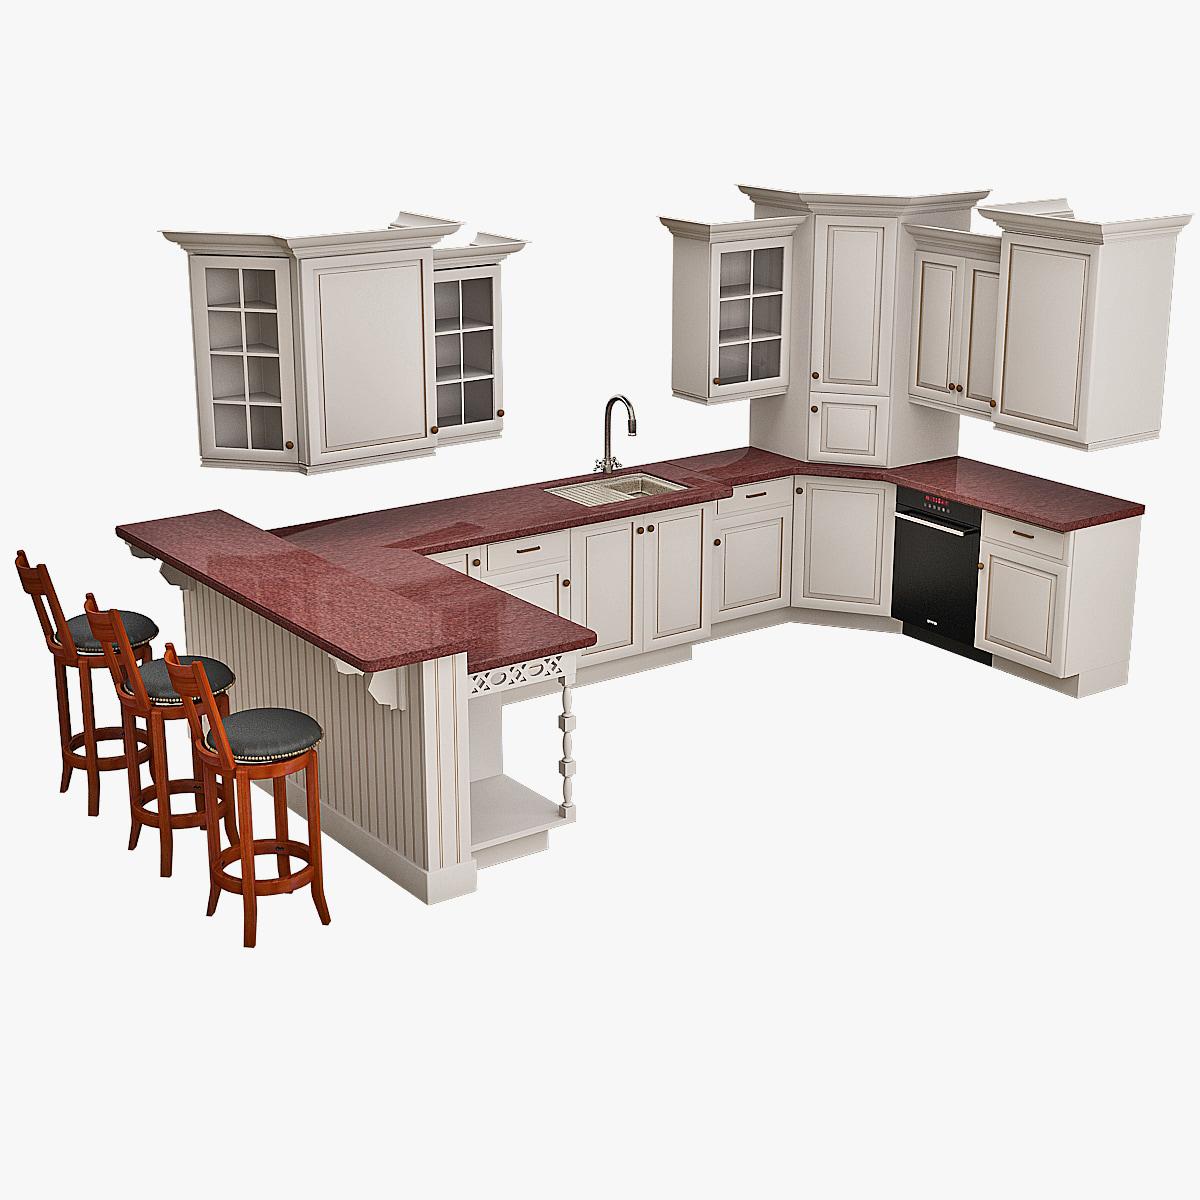 Kitchen_V19_000.jpg